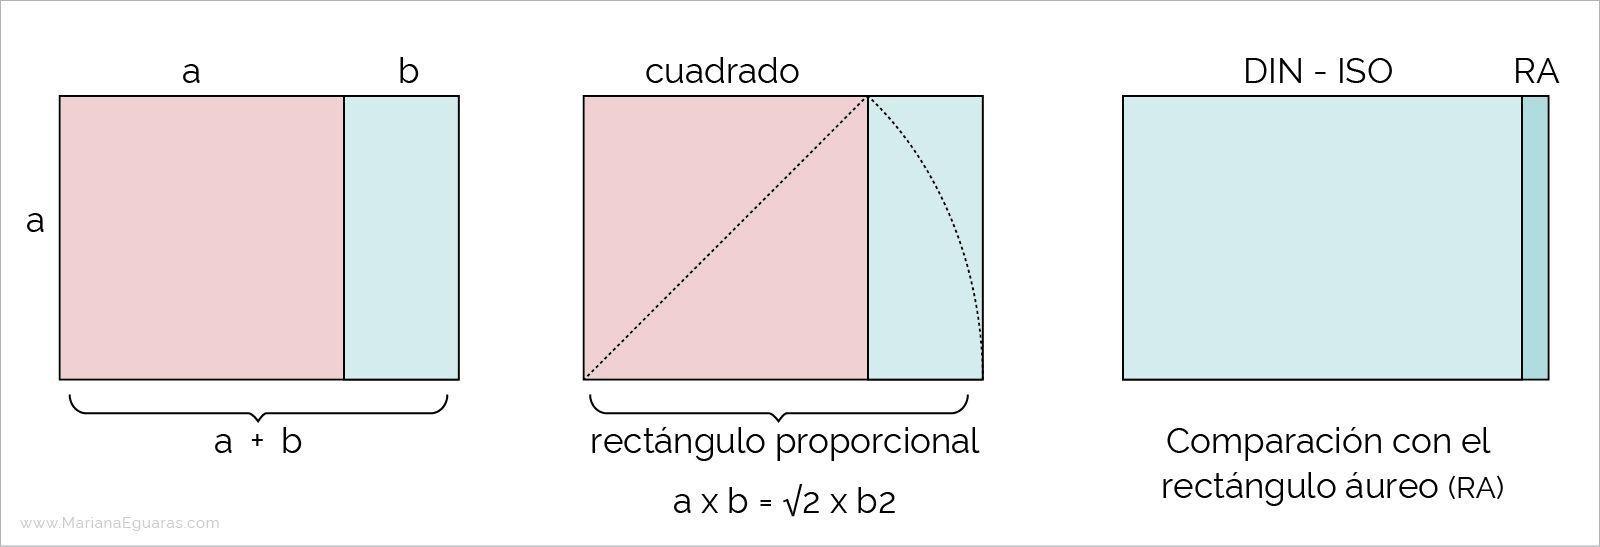 Tamaños de papel para la composición de libros - Comparación DIN-ISO con el rectángulo áureo